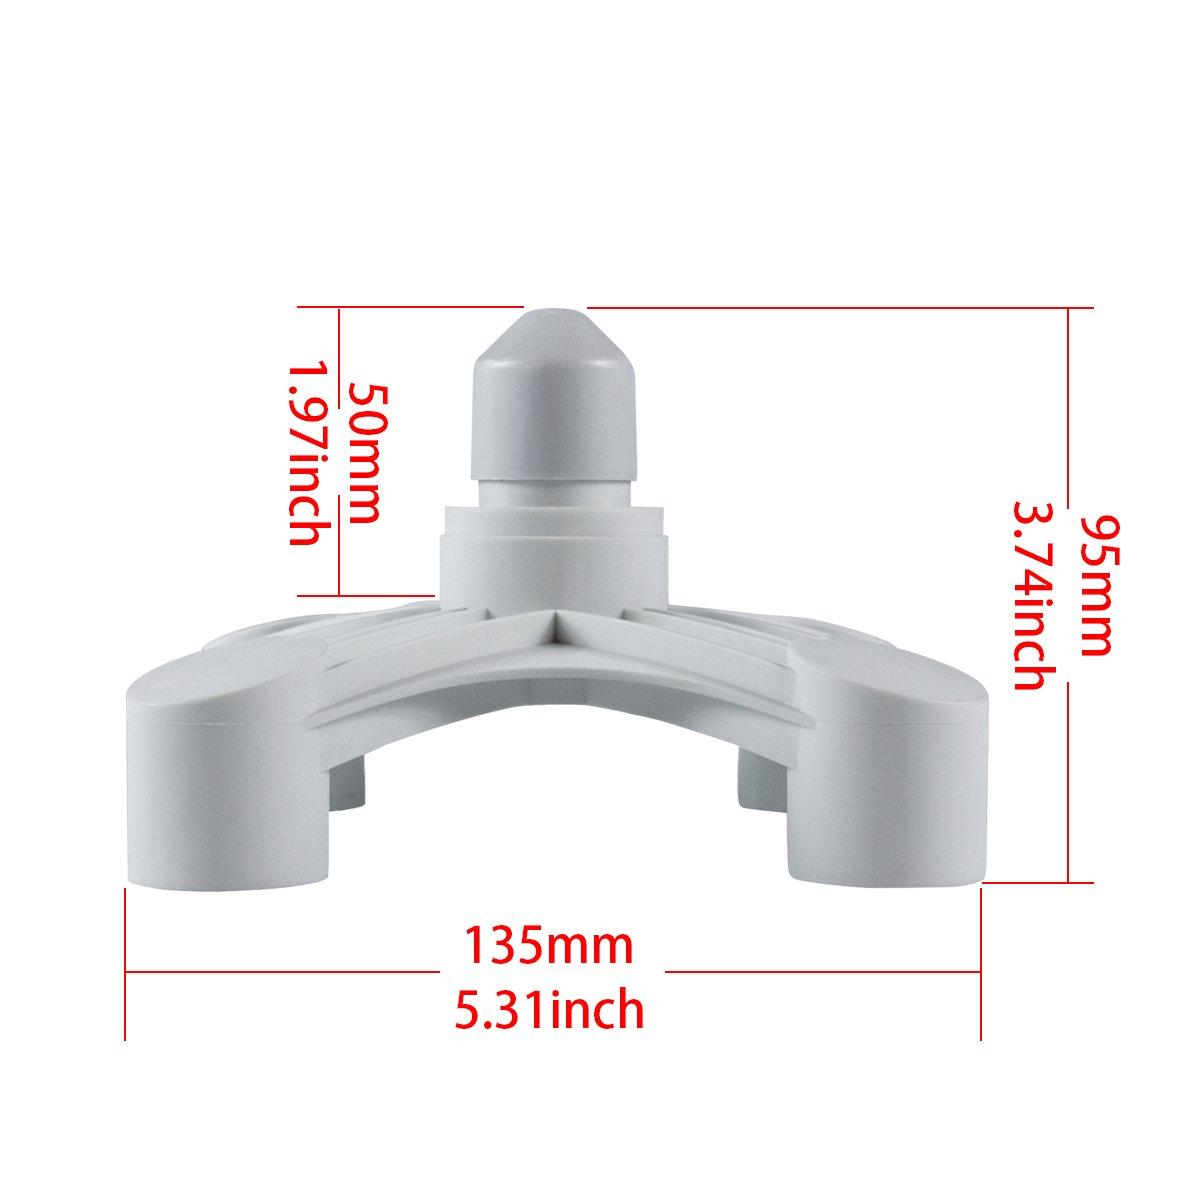 Hirate 4/en 1/E26/Base Socket Splitter LED Ampoule Lampe adaptateur support Douille adaptateur 4/Way Splitter Blanc